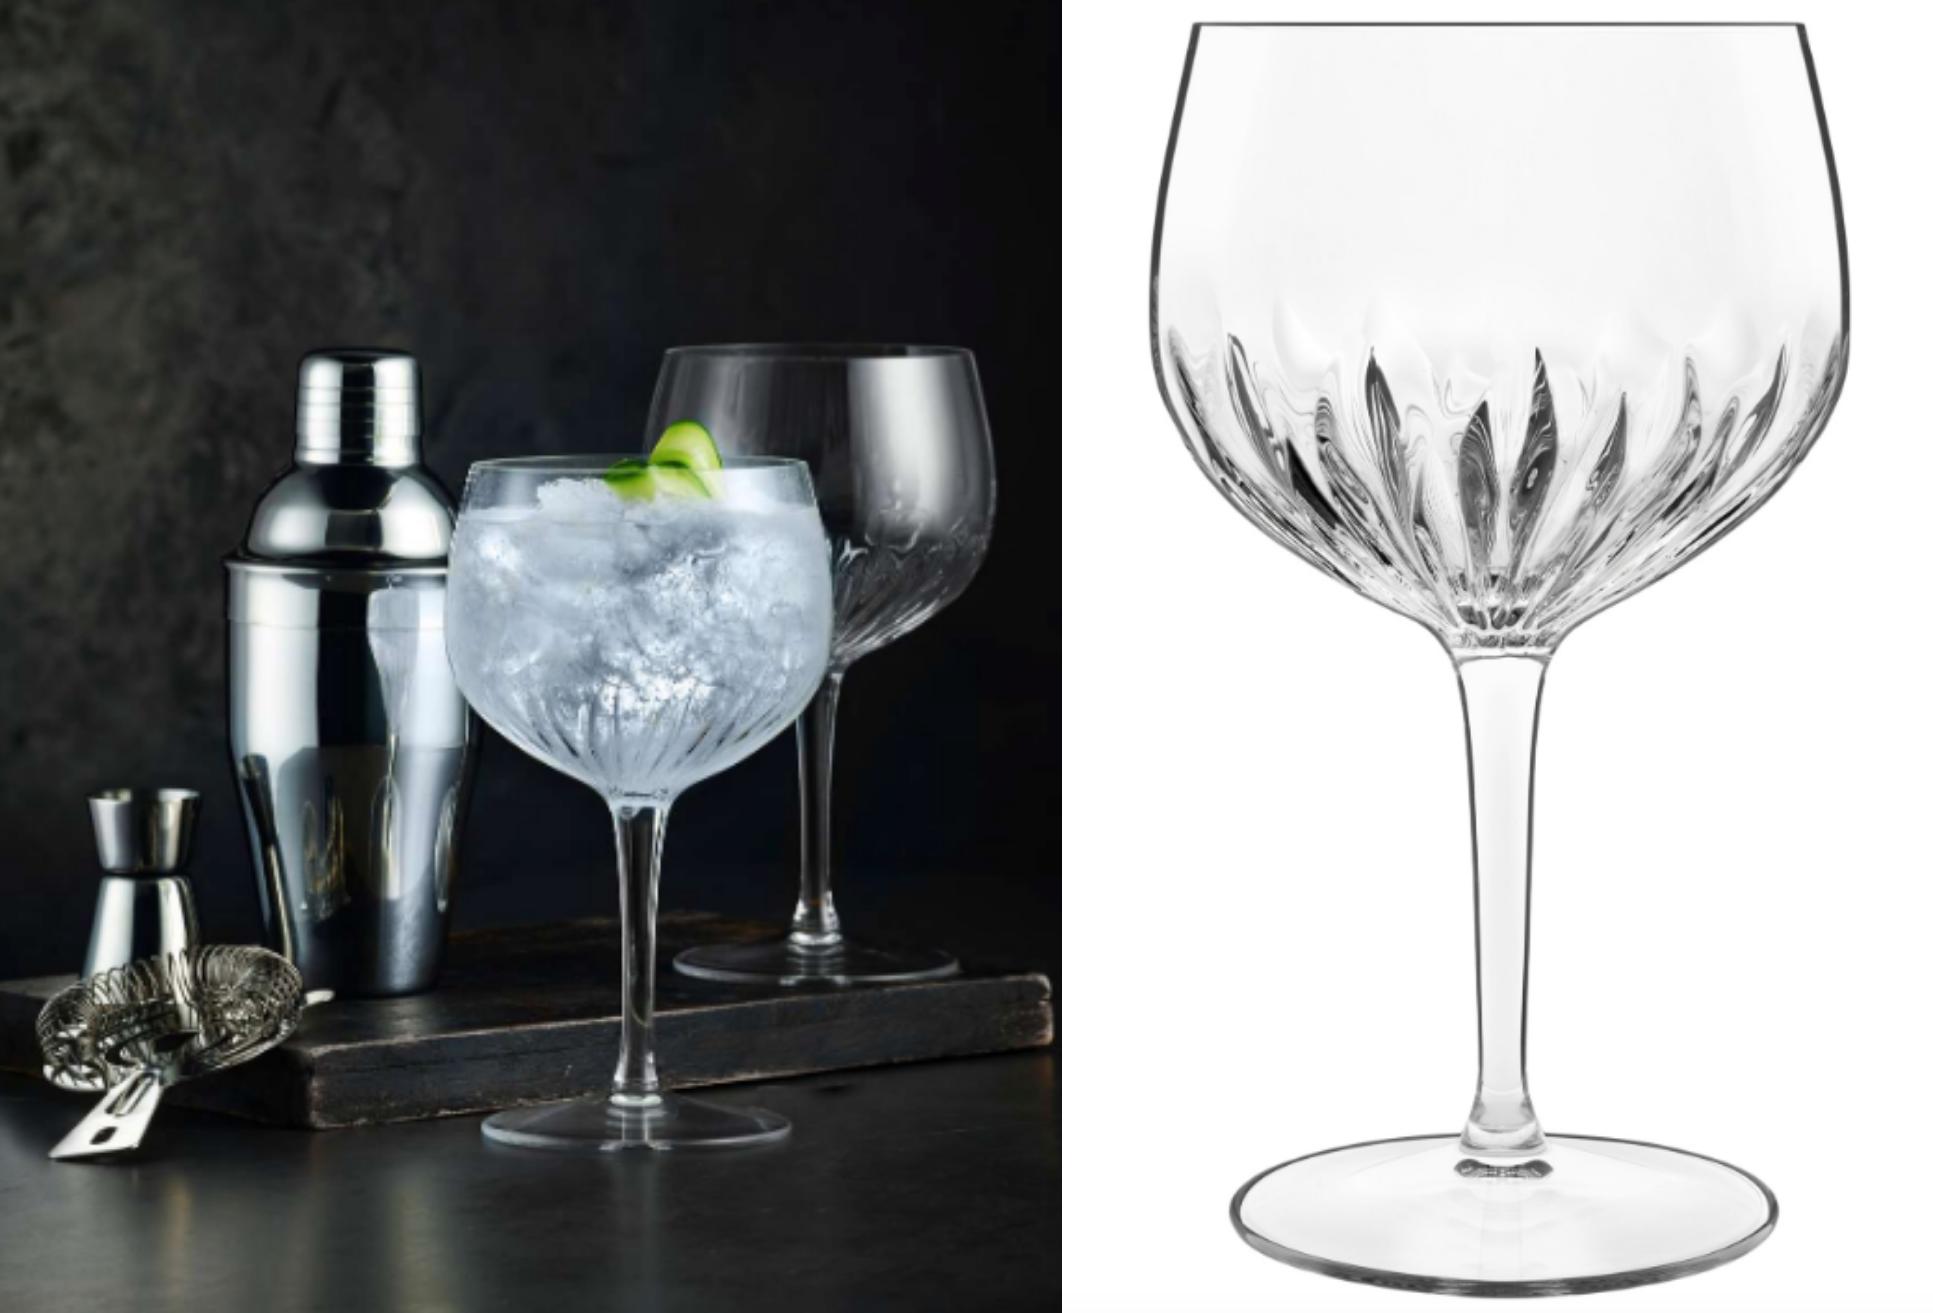 Gin og tonic glas, glas, krystalglas. (Foto: Magasin)